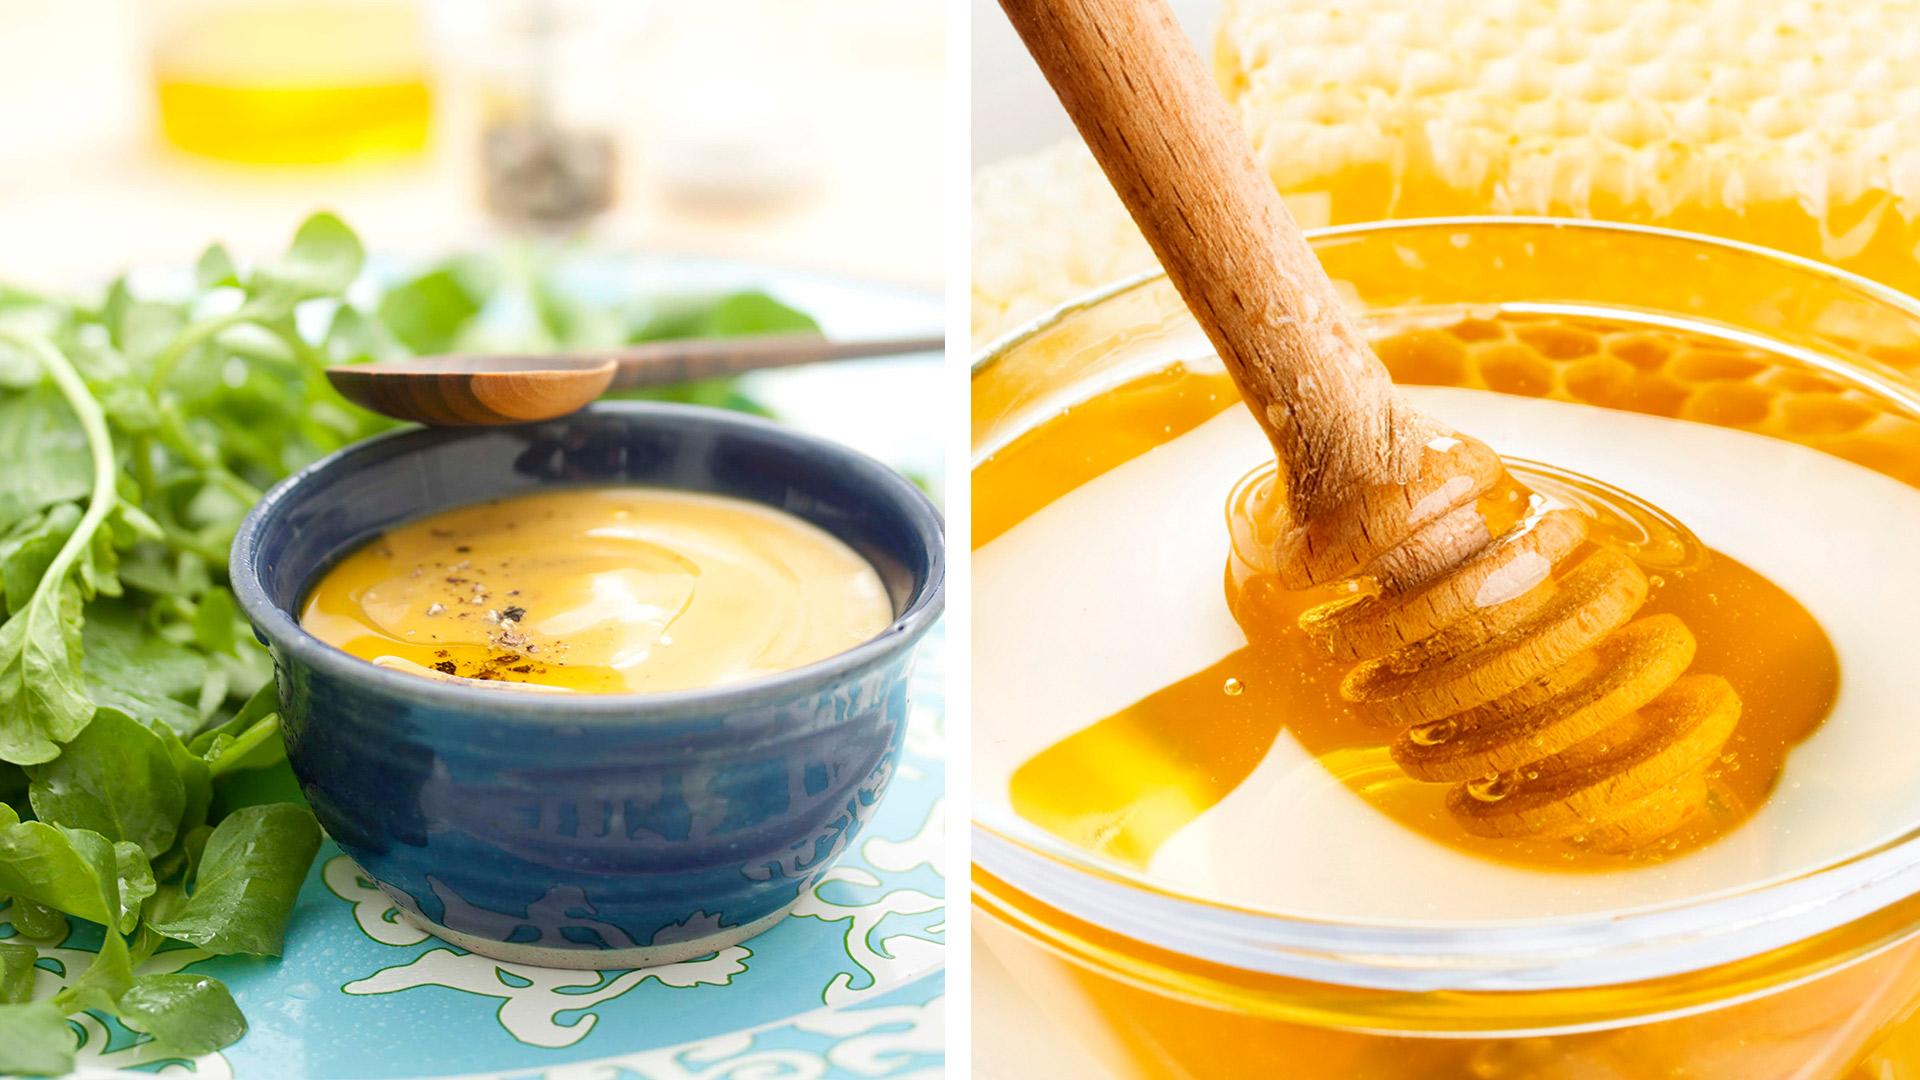 vinagreta de miel mezcla